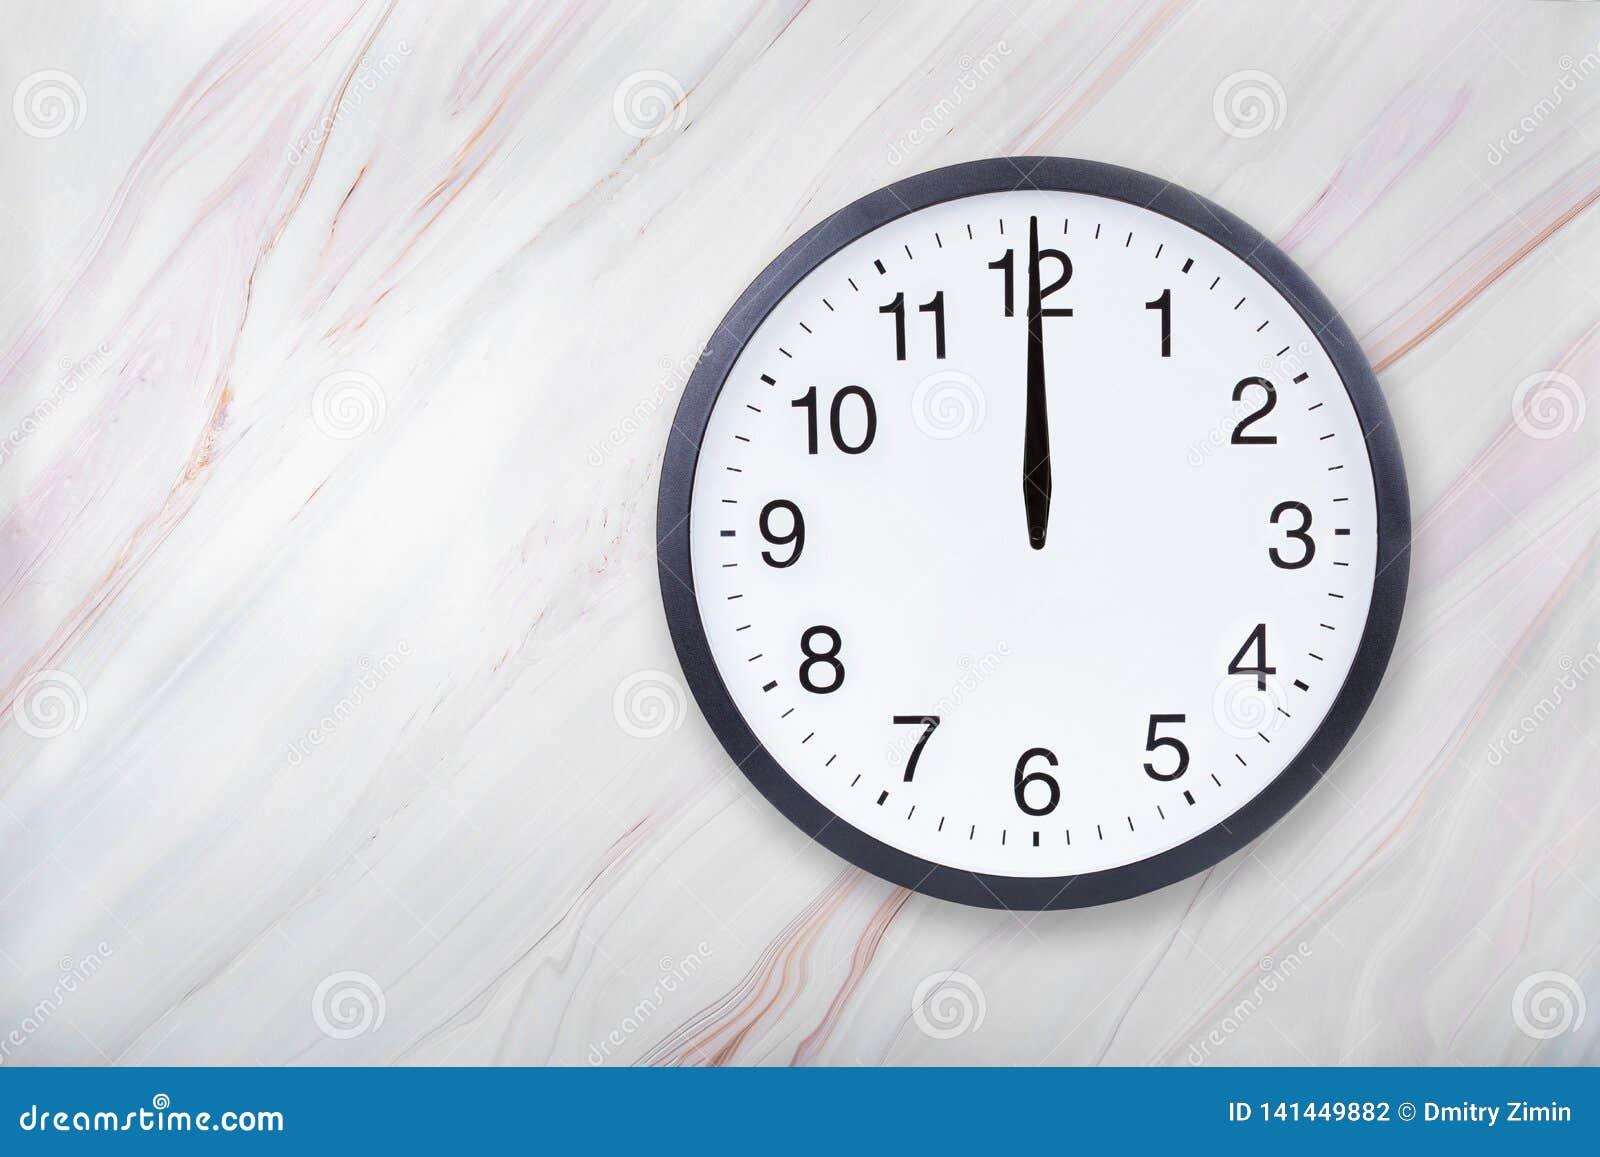 Το ρολόι τοίχων στη μαρμάρινη σύσταση παρουσιάζει δώδεκα η ώρα Το ρολόι γραφείων παρουσιάζει τη μεσημβρία ή μεσάνυχτα